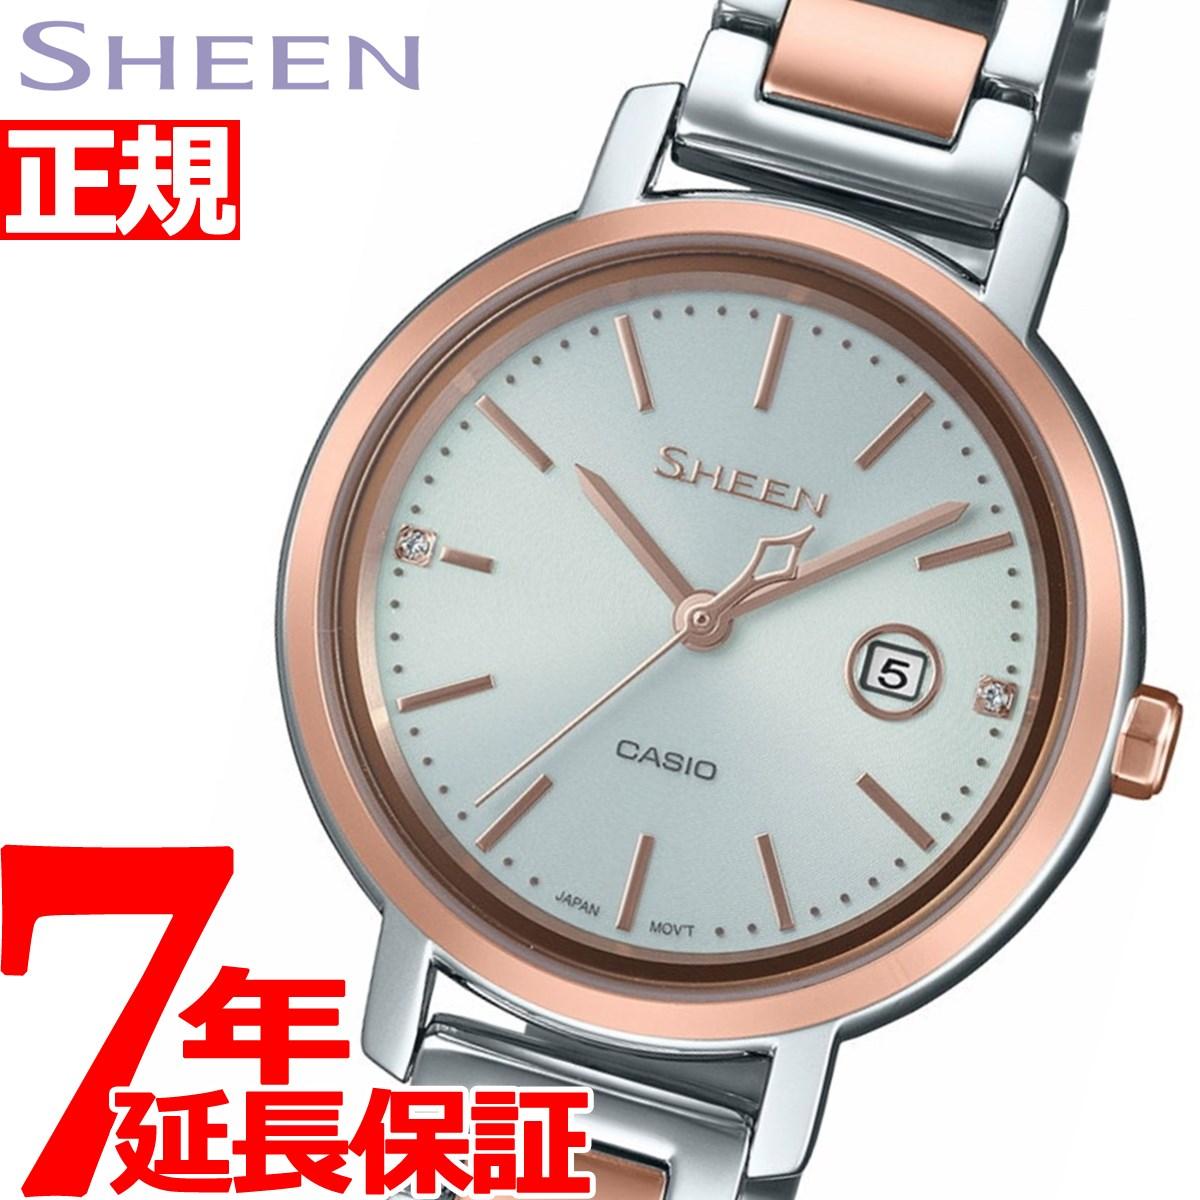 カシオ シーン CASIO SHEEN ソーラー 腕時計 レディース SHS-4525SPG-7AJF【2018 新作】